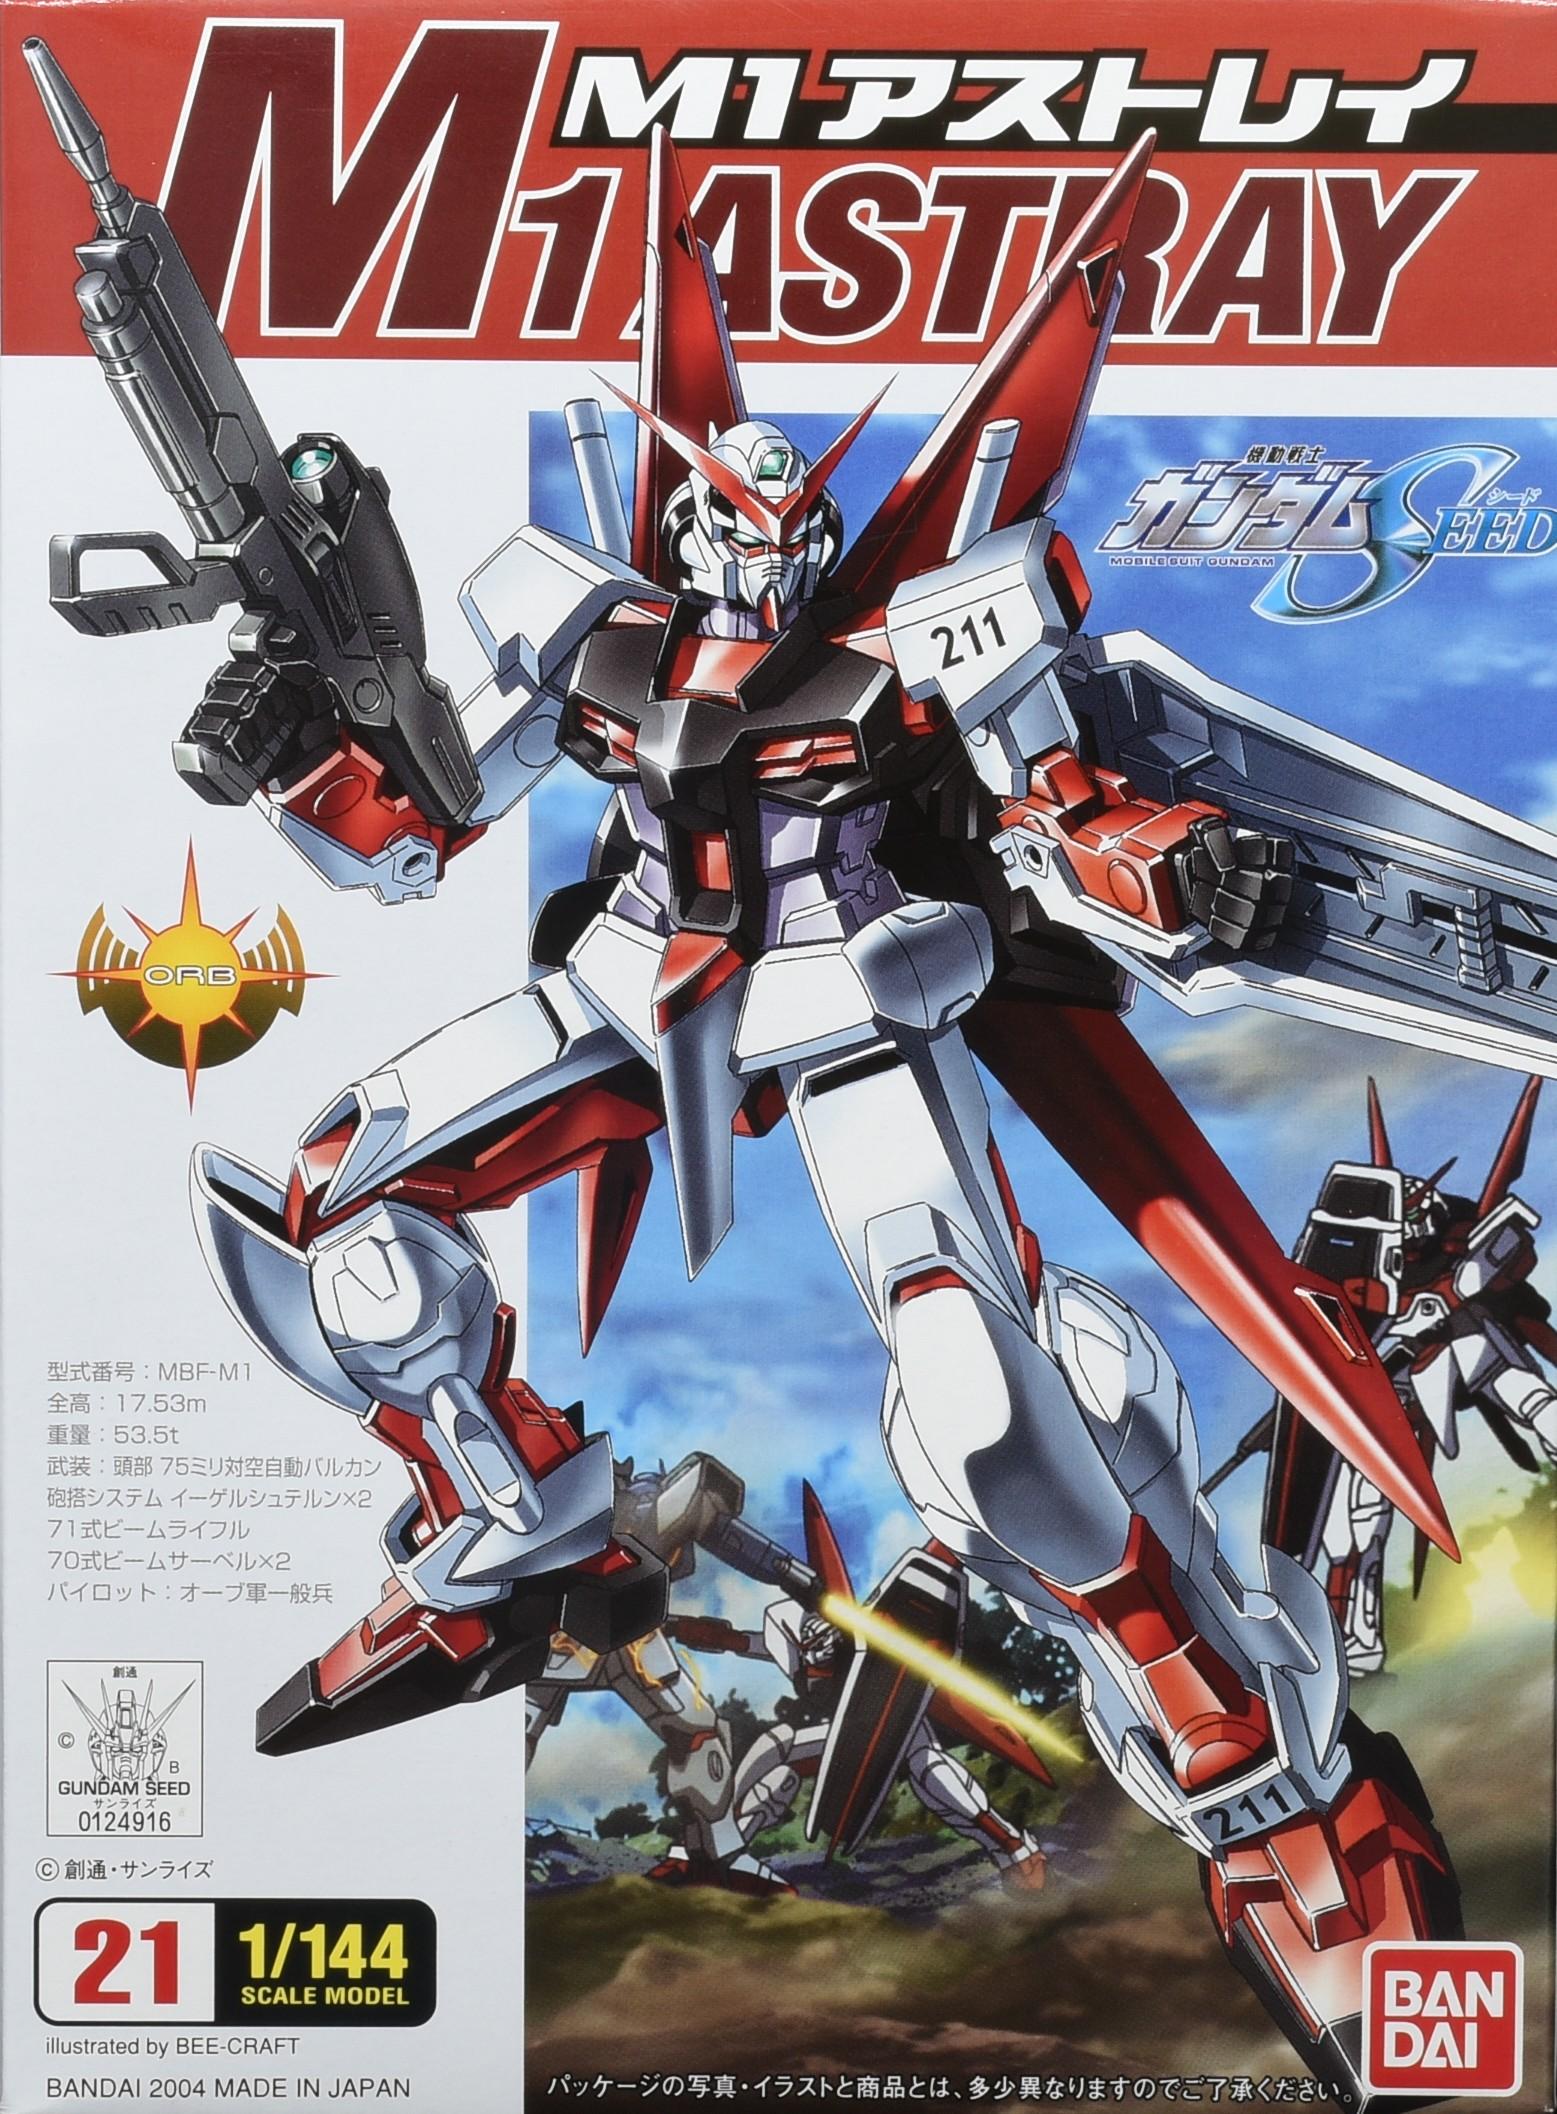 [21] FG 1/144 M1 Astray Gundam